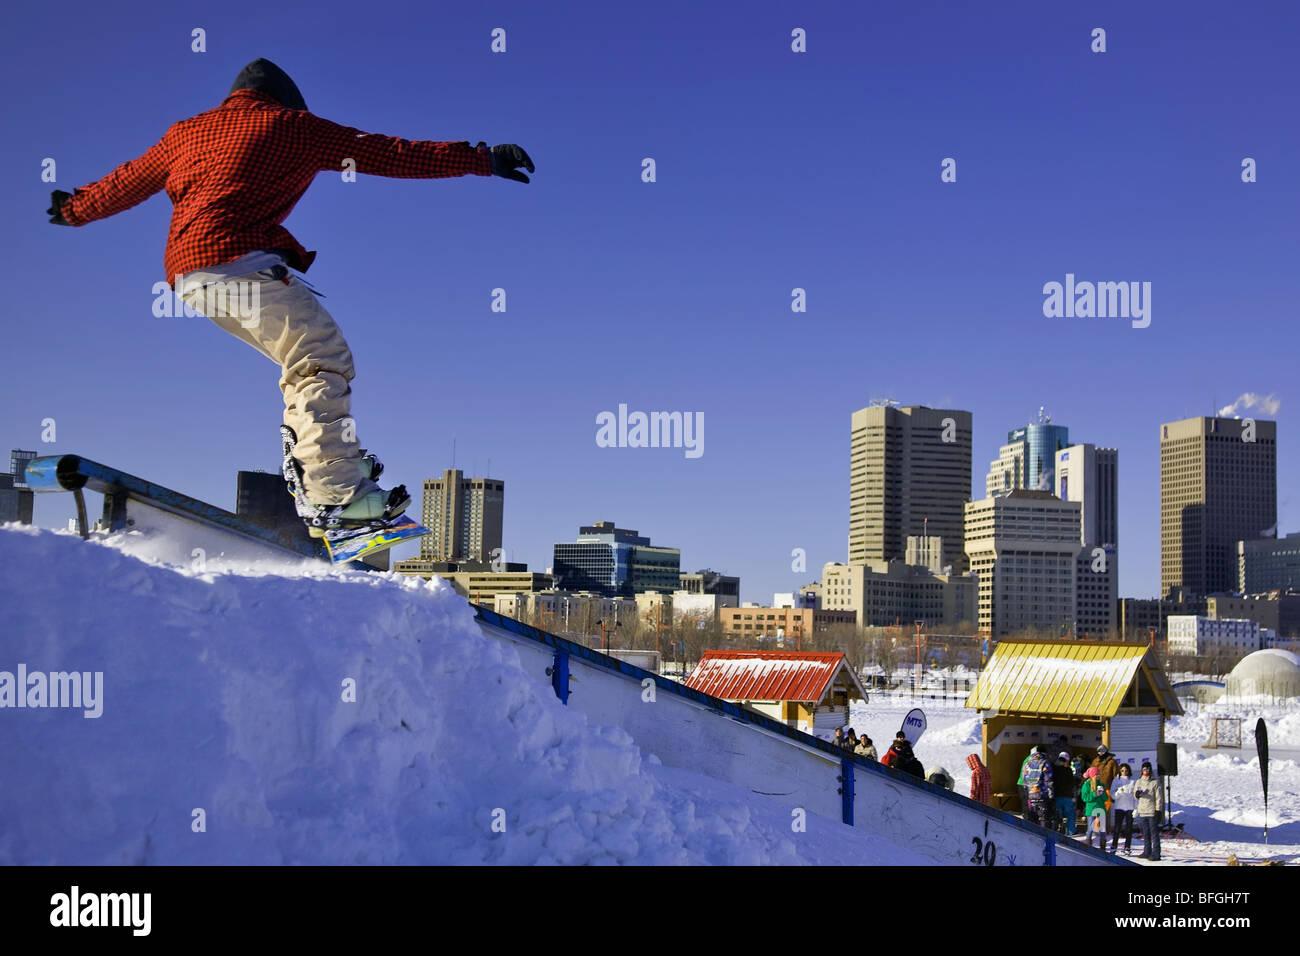 El snowboarder masculino adolescente en las horquillas Winter Park, Winnipeg, Manitoba, Canadá Foto de stock